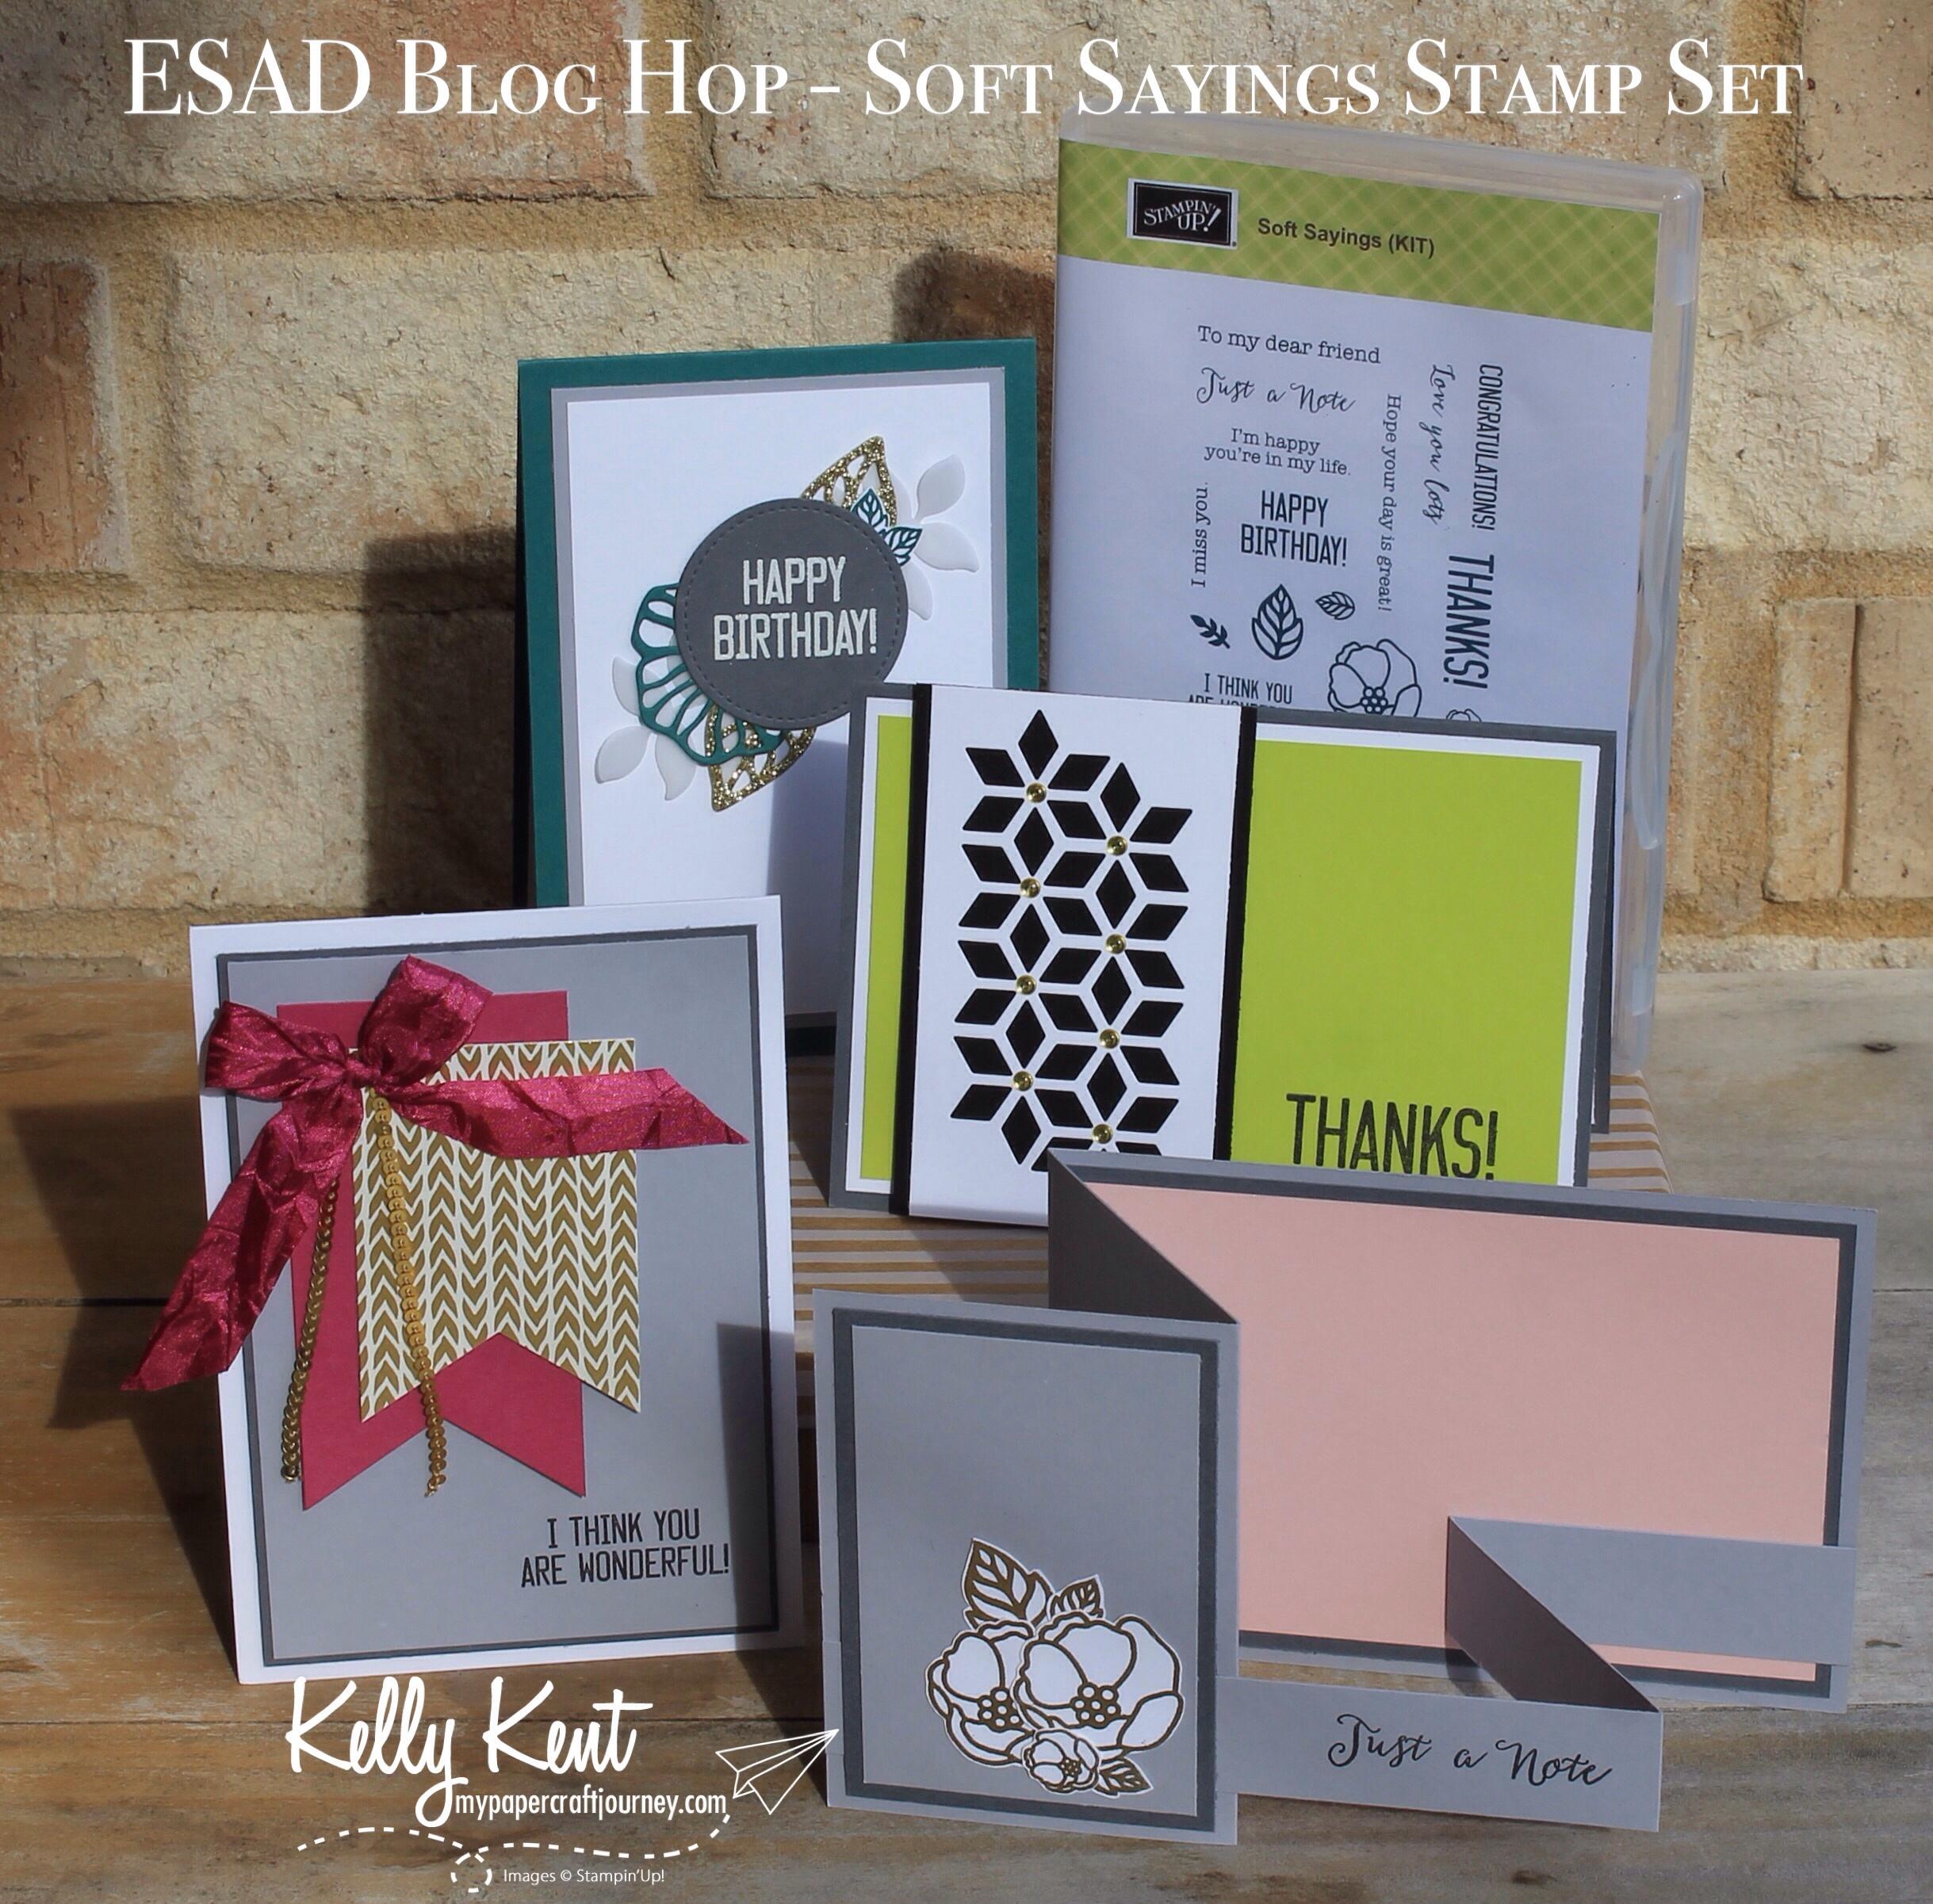 ESAD Blog Hop - Soft Sayings stamp set | kelly kent